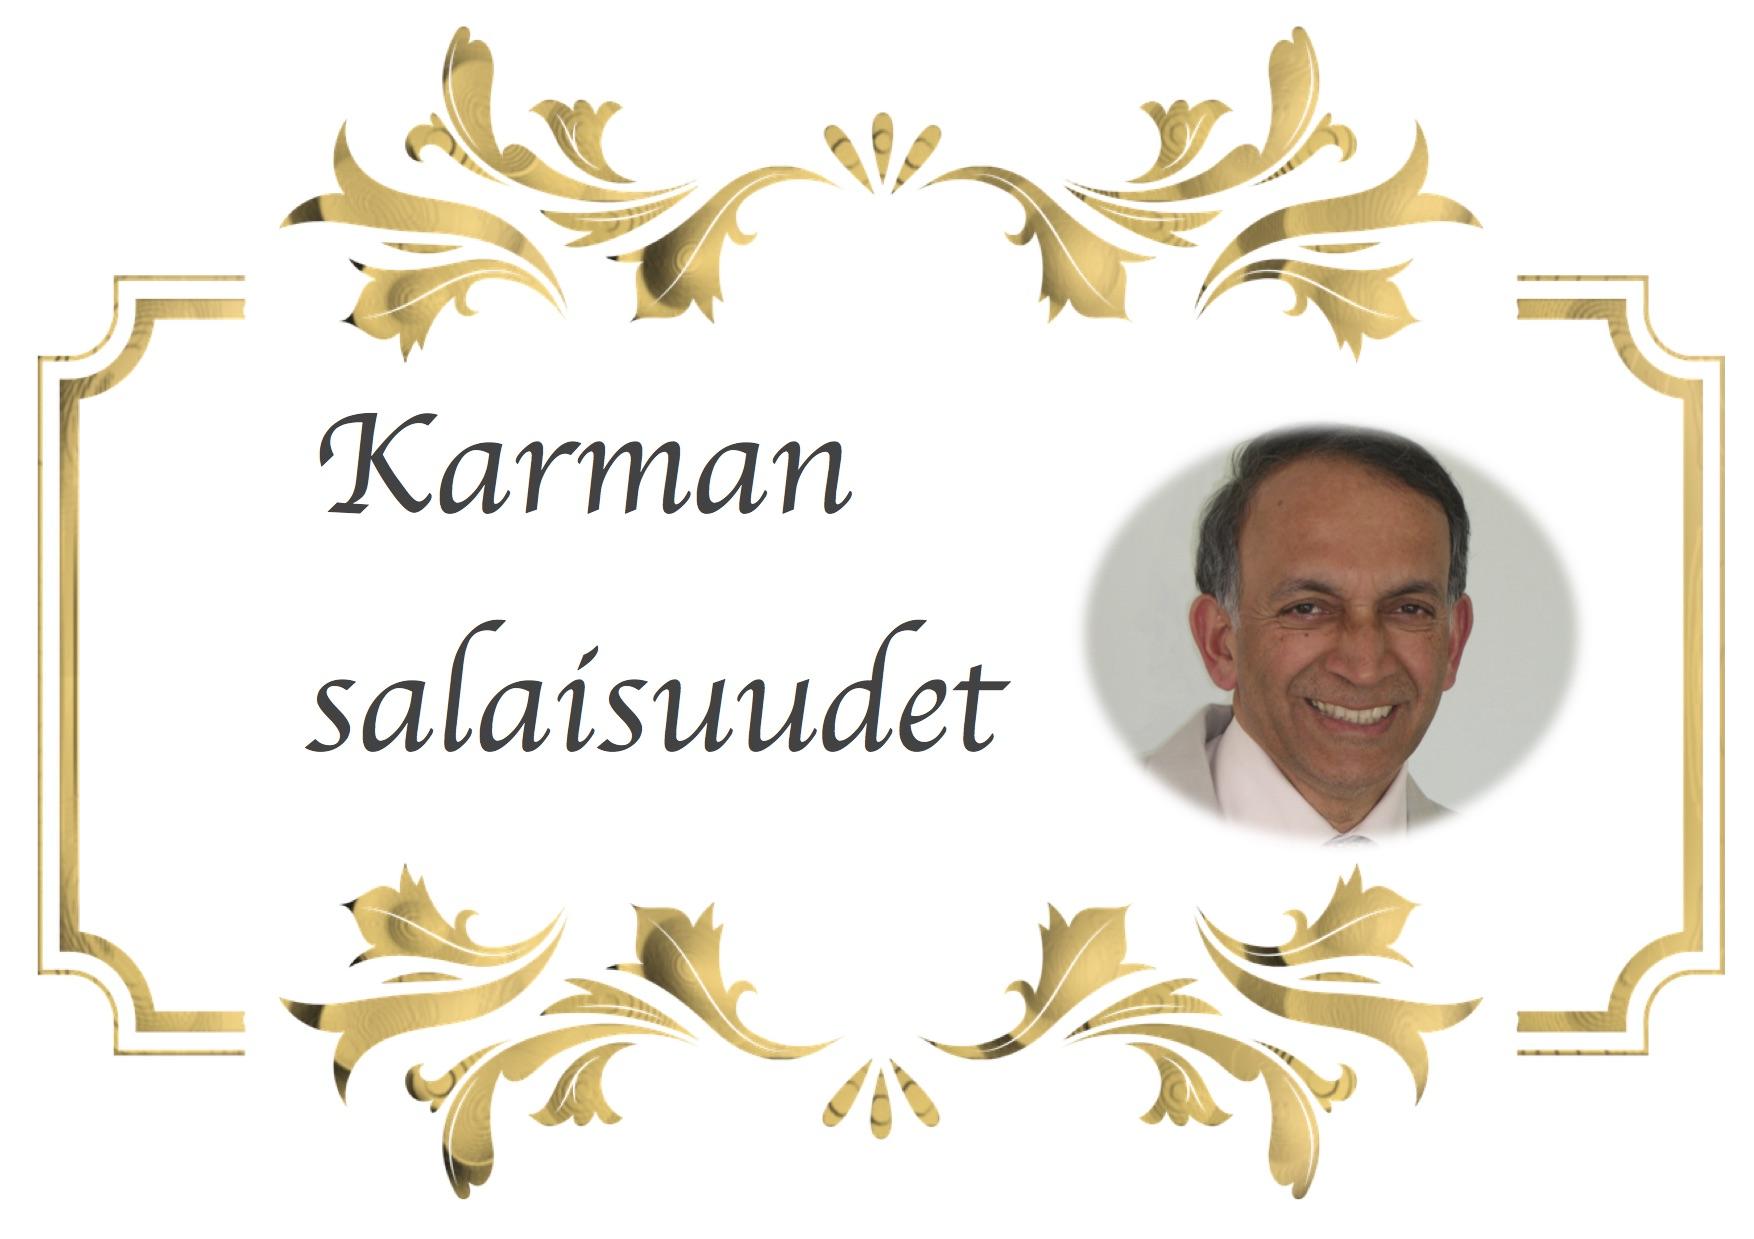 RETRIITTI TURUSSA: Karman salaisuudet